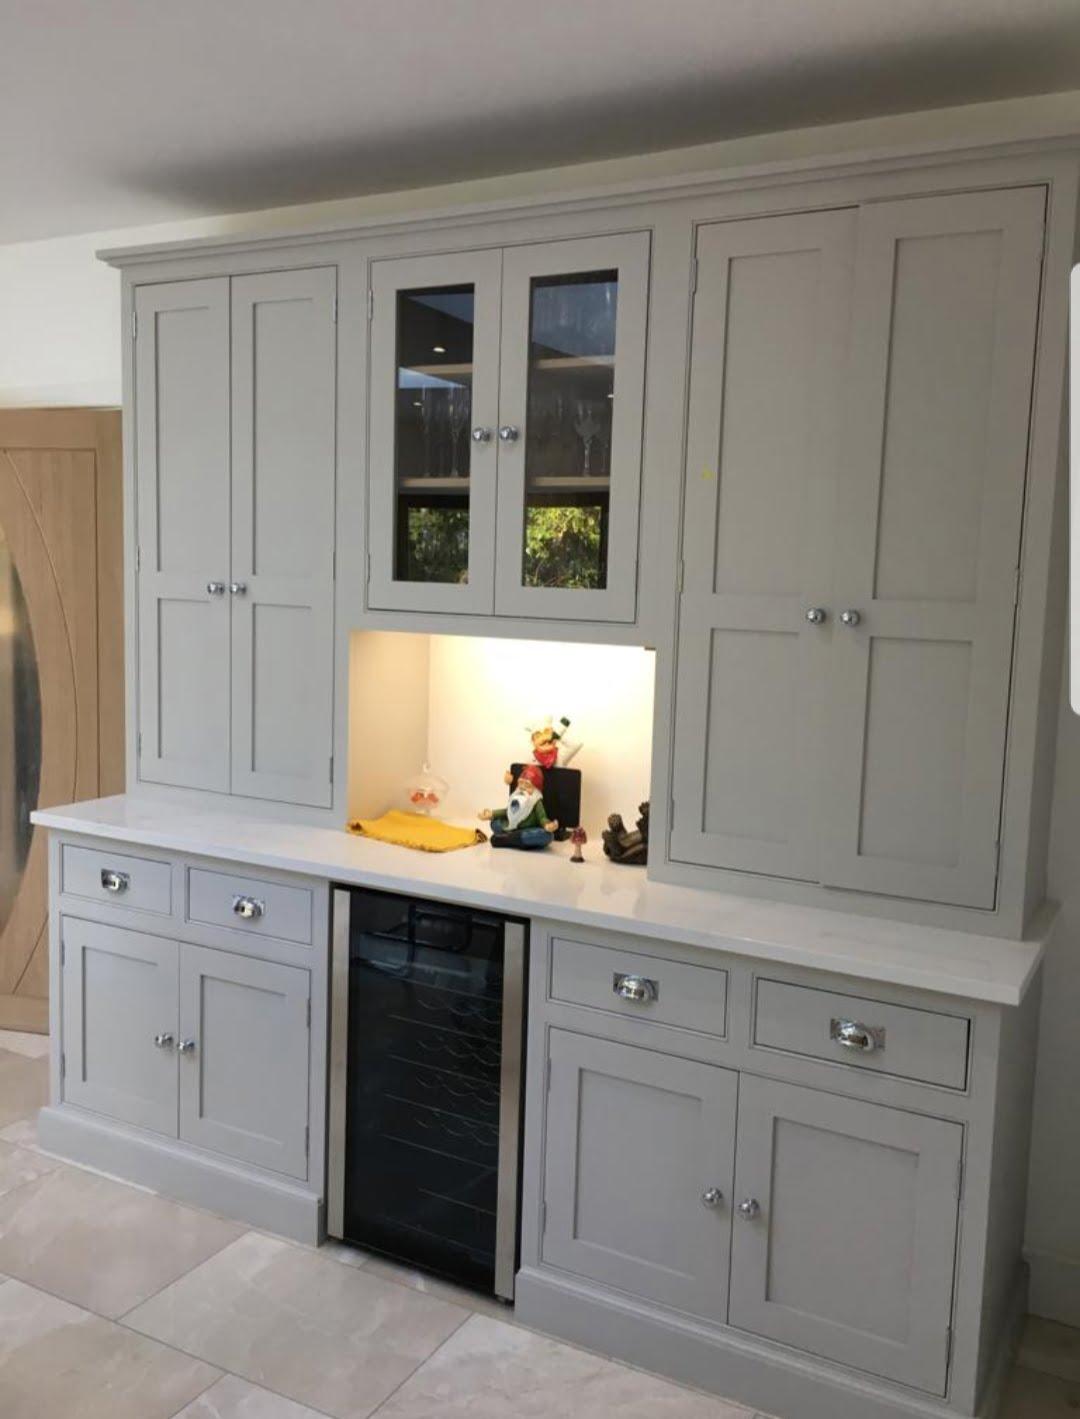 Kitchen painter Surrey, hand painted kitchen Surrey, kitchen cabinet painter London